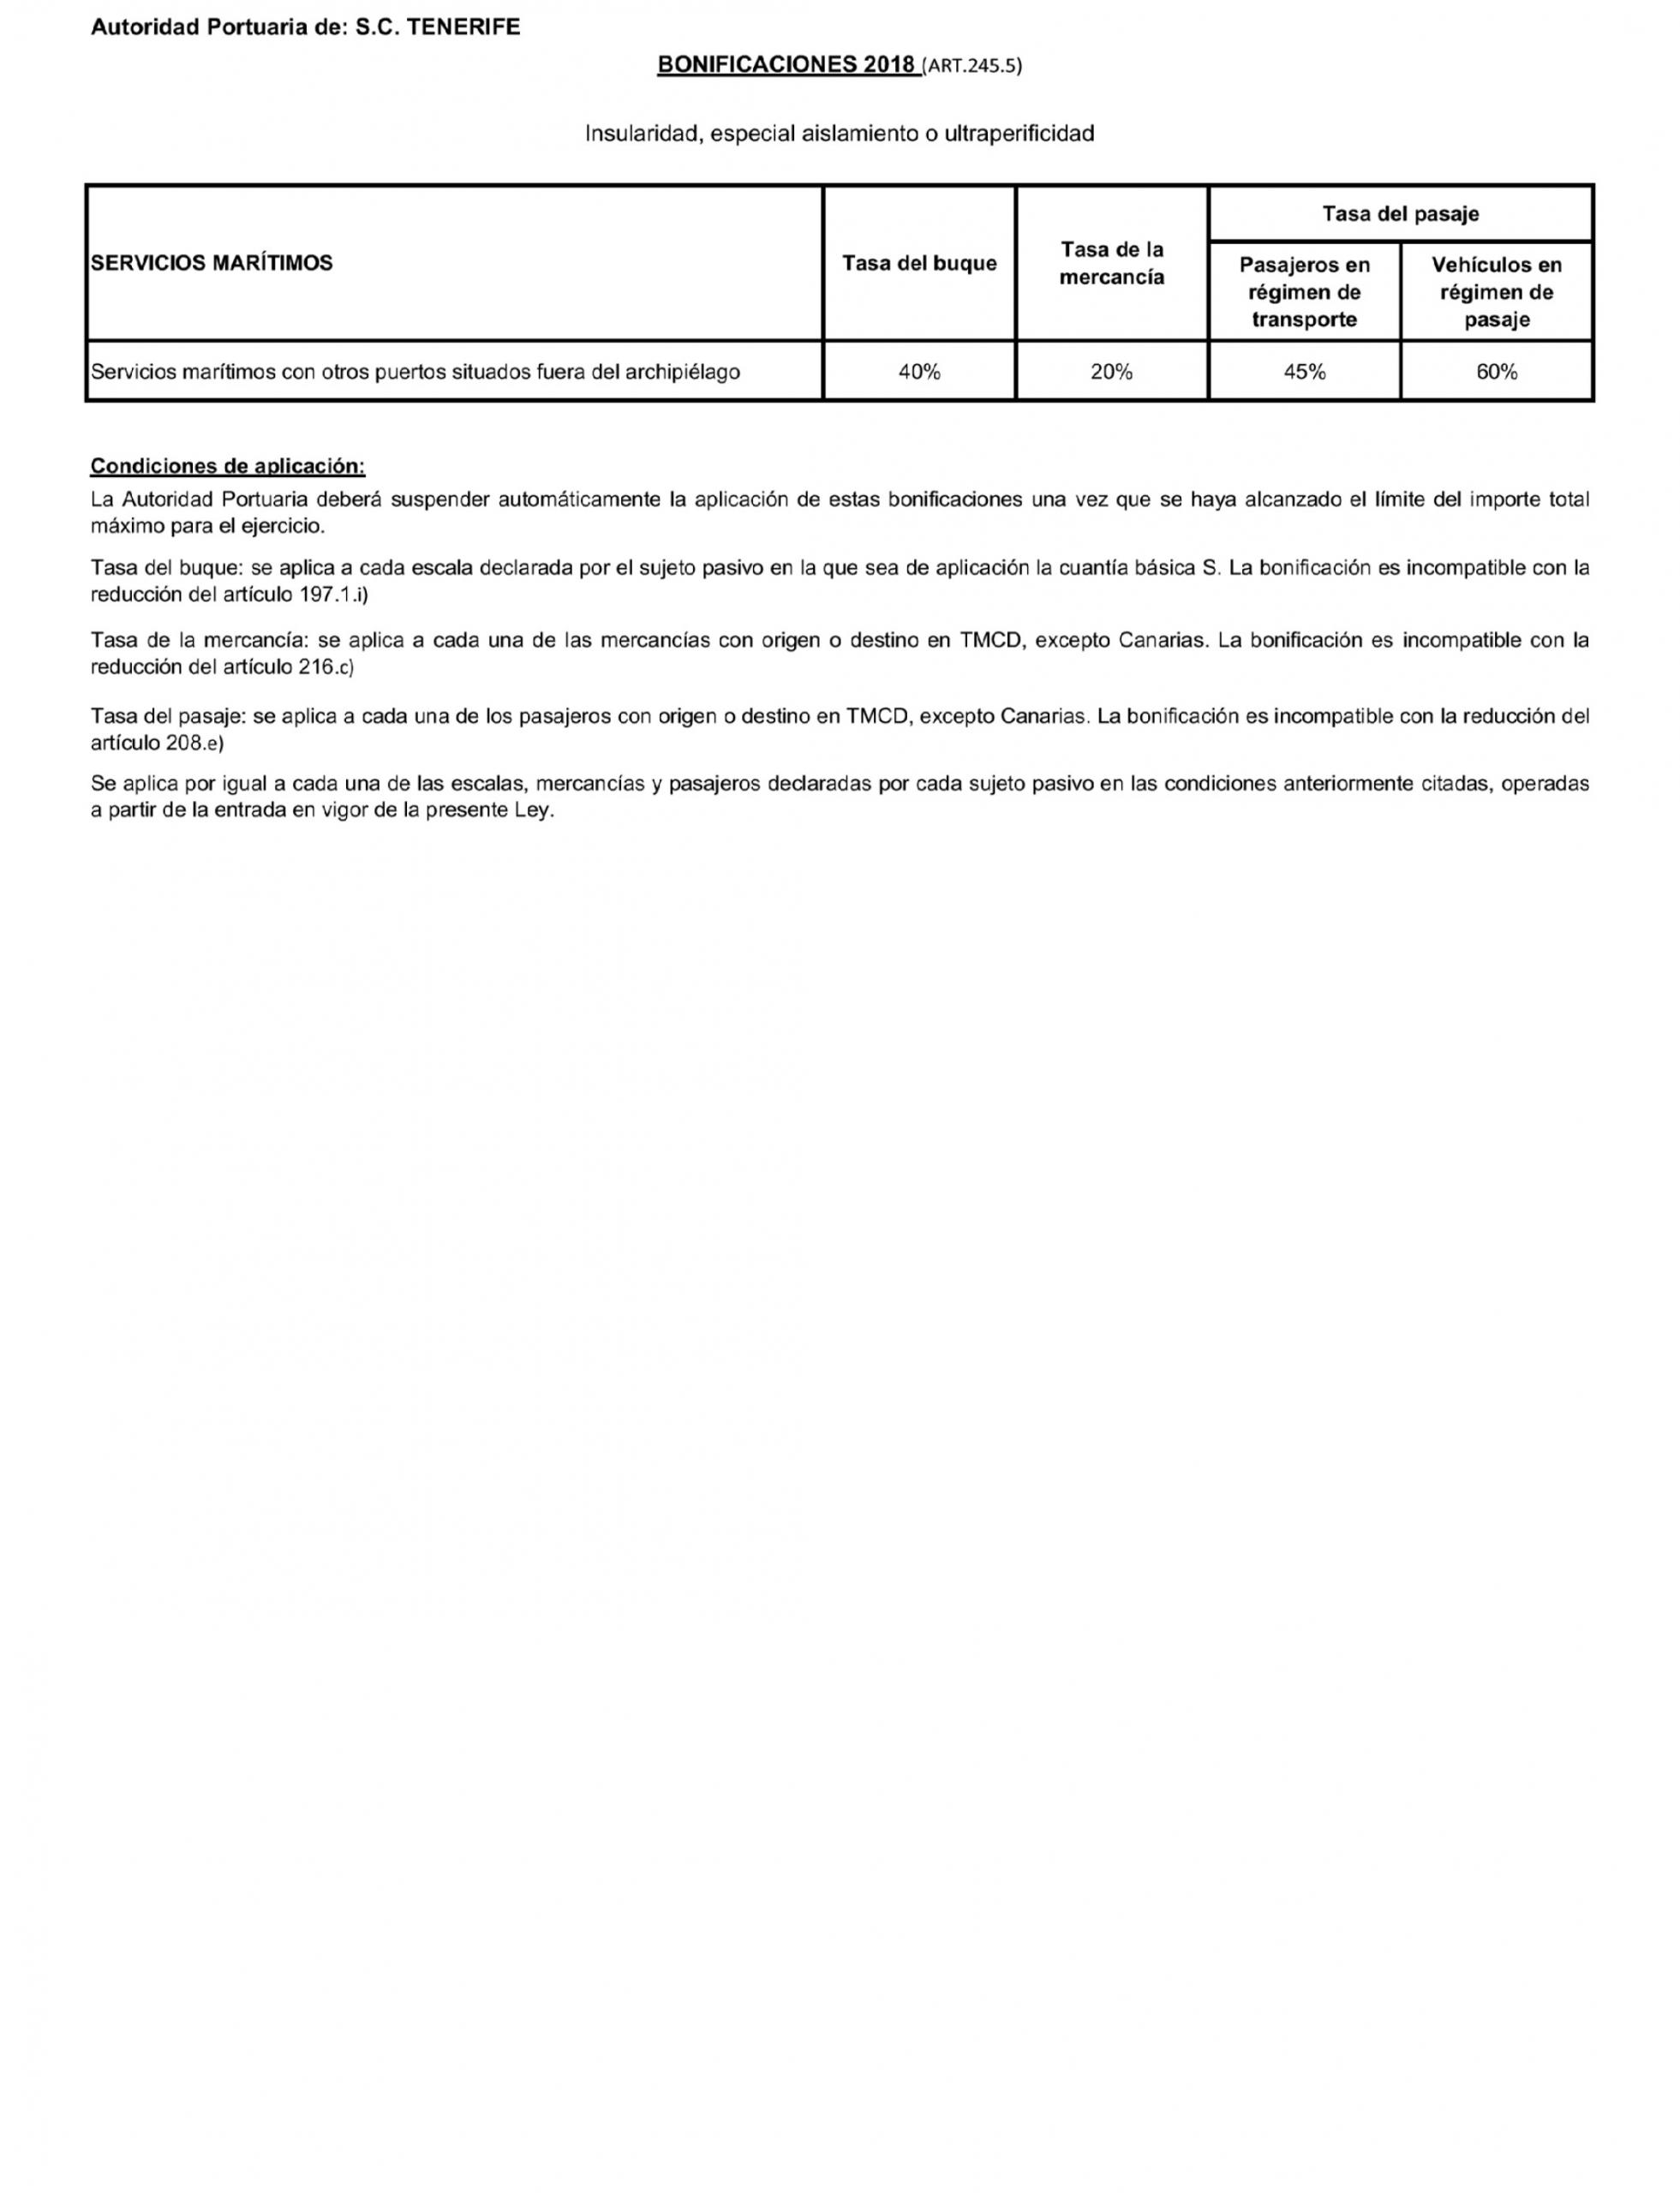 Calendario 2020 Festivos Castilla La Mancha Más Caliente Boe Documento Consolidado Boe A 2018 9268 Of Calendario 2020 Festivos Castilla La Mancha Más Recientemente Liberado Noticias Ayuntamiento De Galápagos En Guadalajara